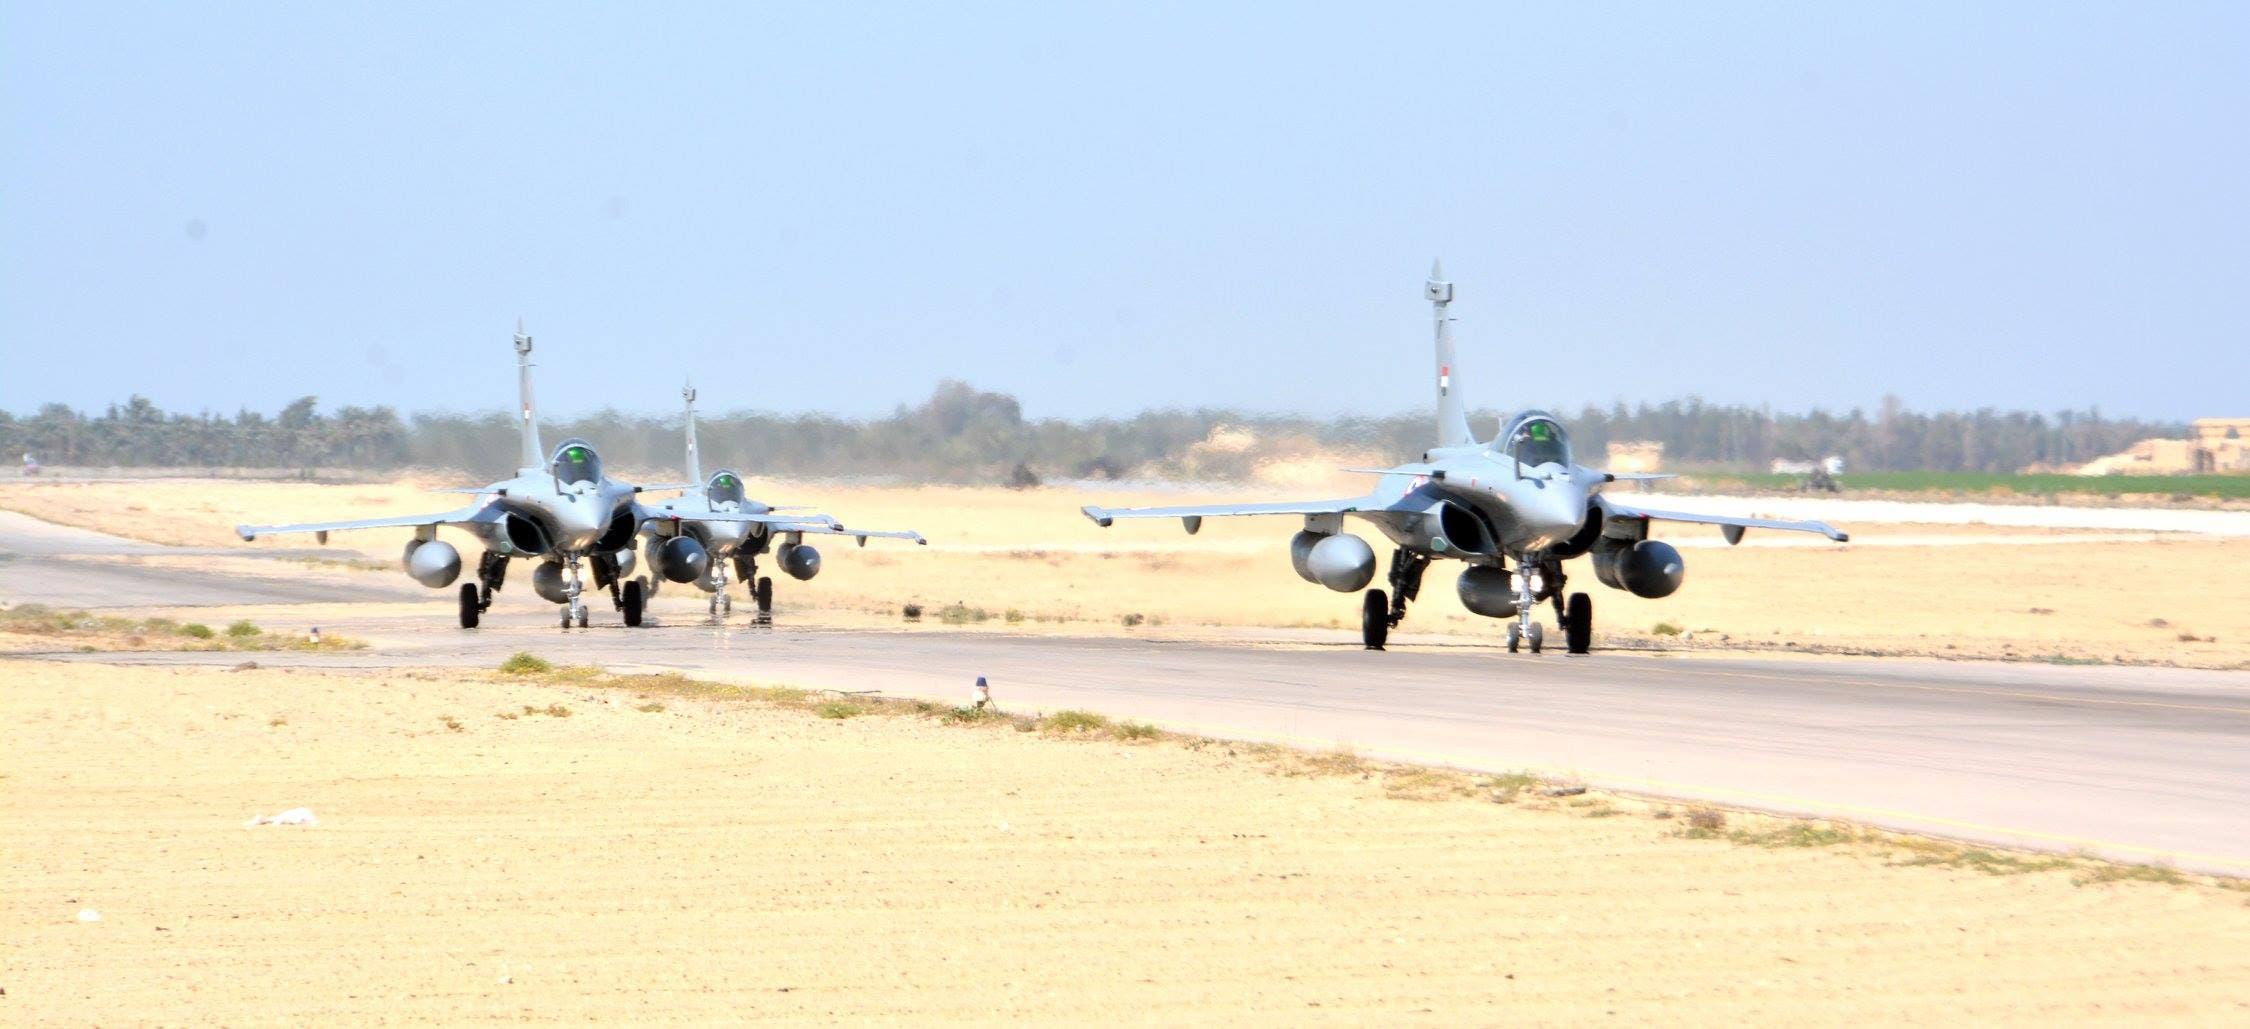 """الدفعة الثالثة من طائرات """"الرافال"""" تحلق بسماء القاهرة D4c289f0-c425-479b-8322-655249a8e49c"""